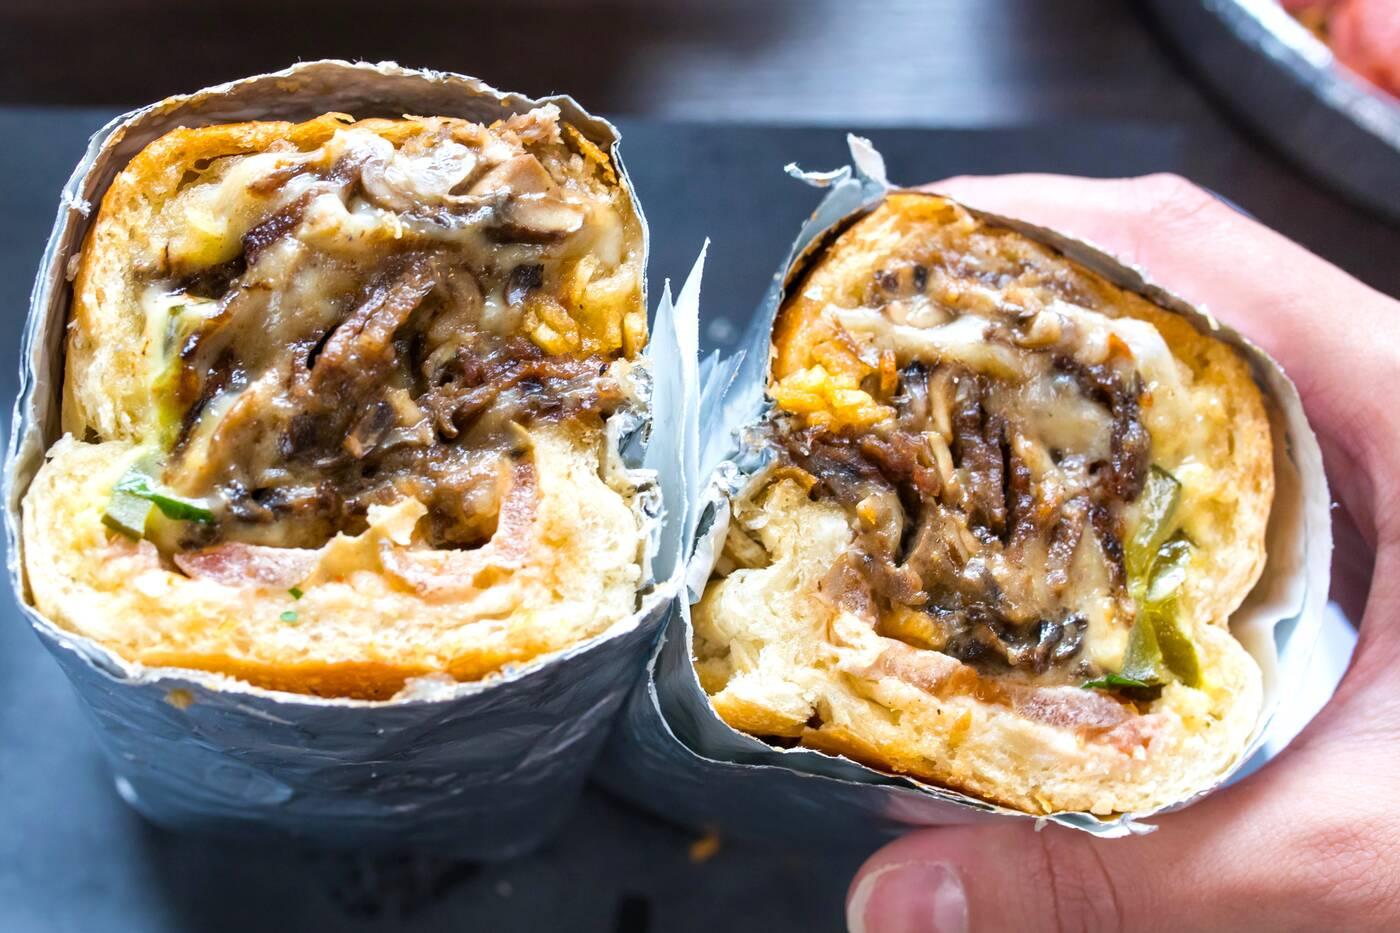 topol sandwich toronto